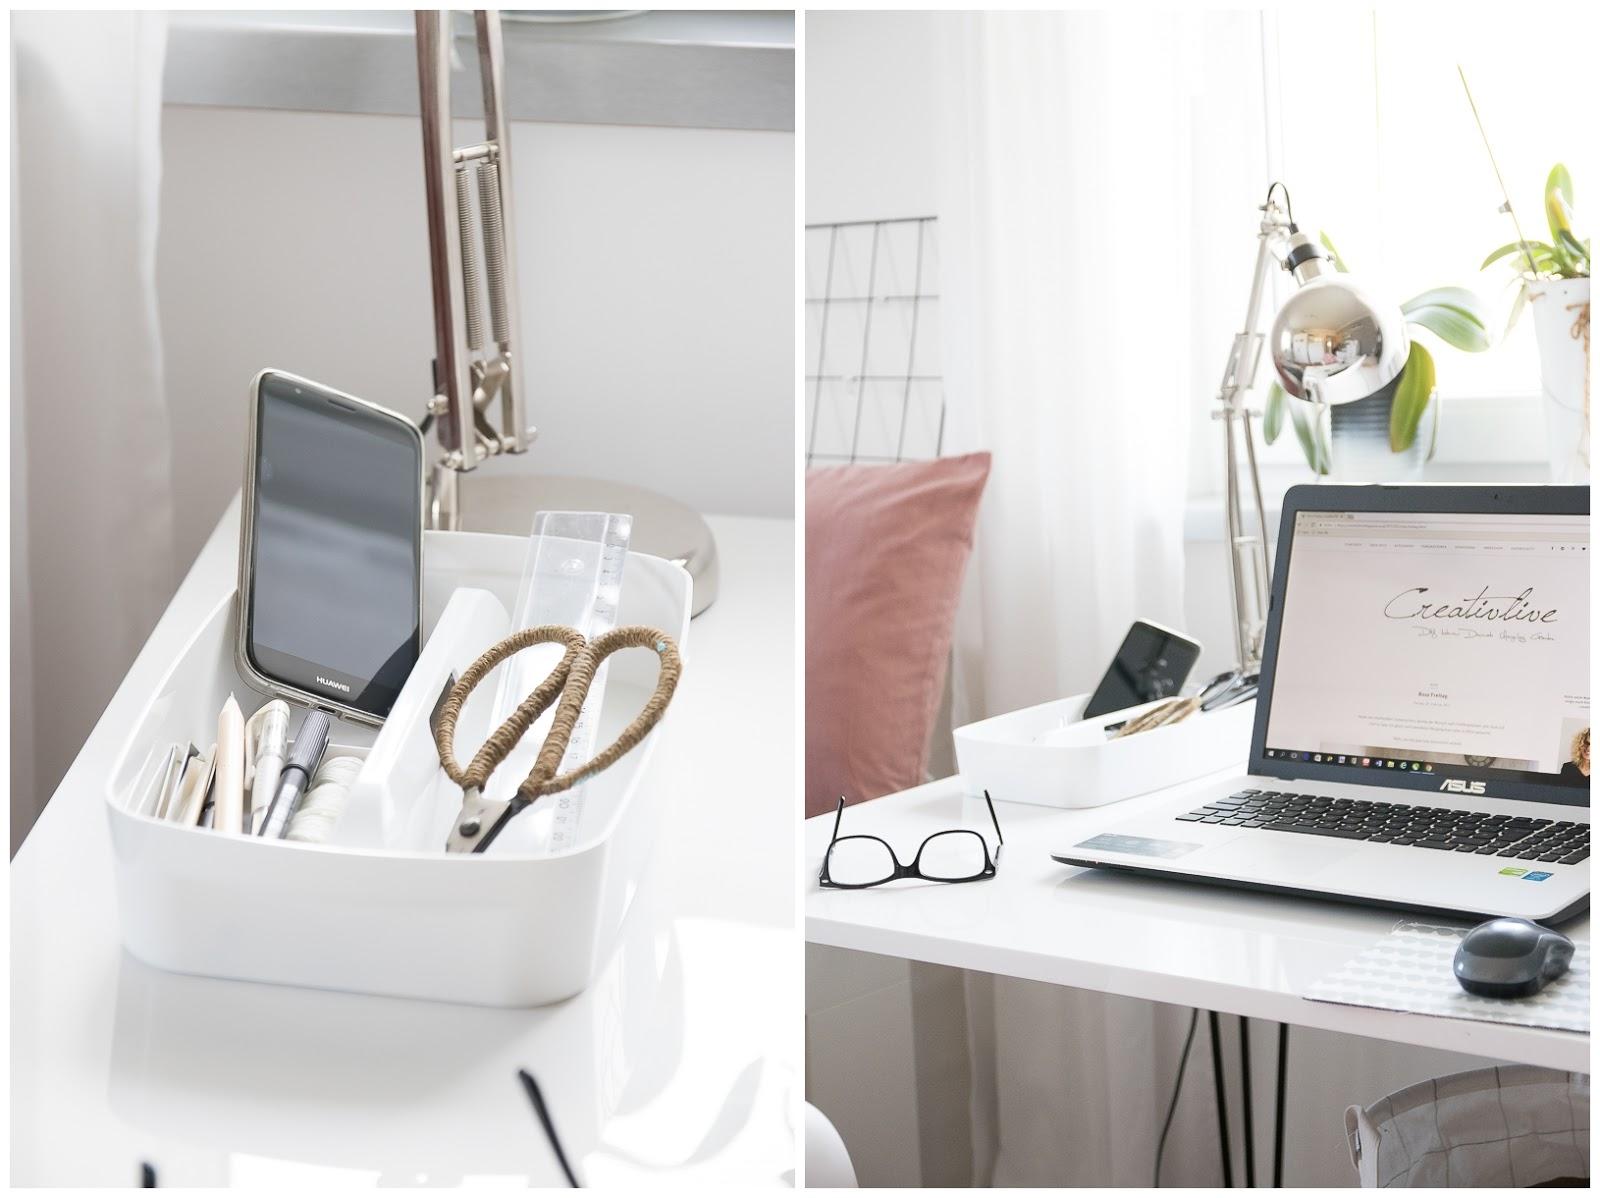 ordnung halten kann so sch n sein creativlive. Black Bedroom Furniture Sets. Home Design Ideas